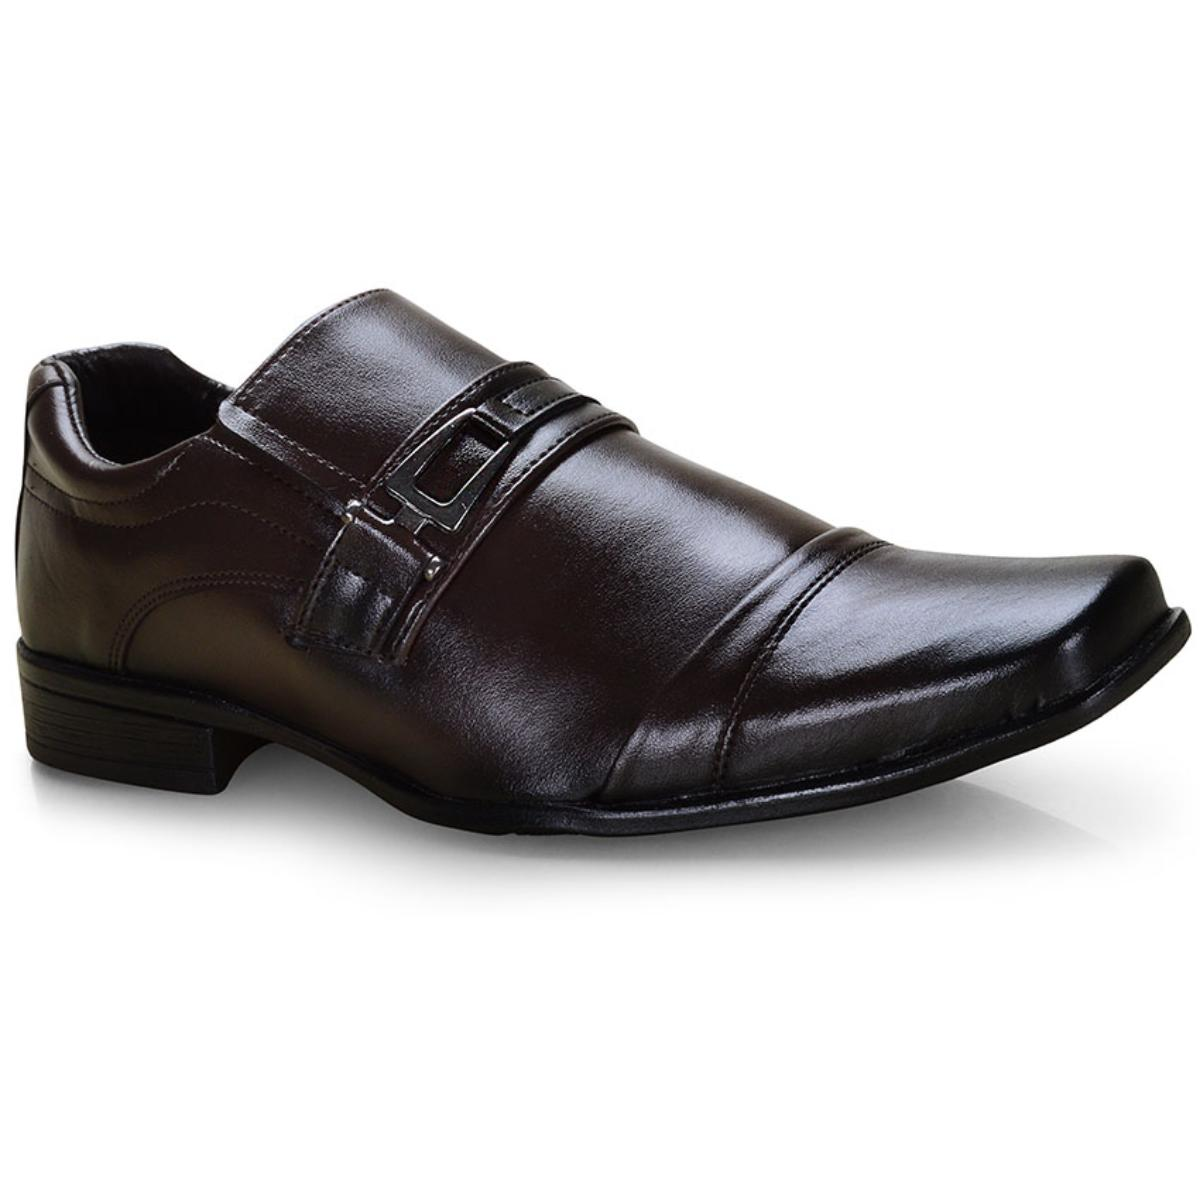 Sapato Masculino Ped Shoes 50910-b Café Kit c/ Carteira e Cinto